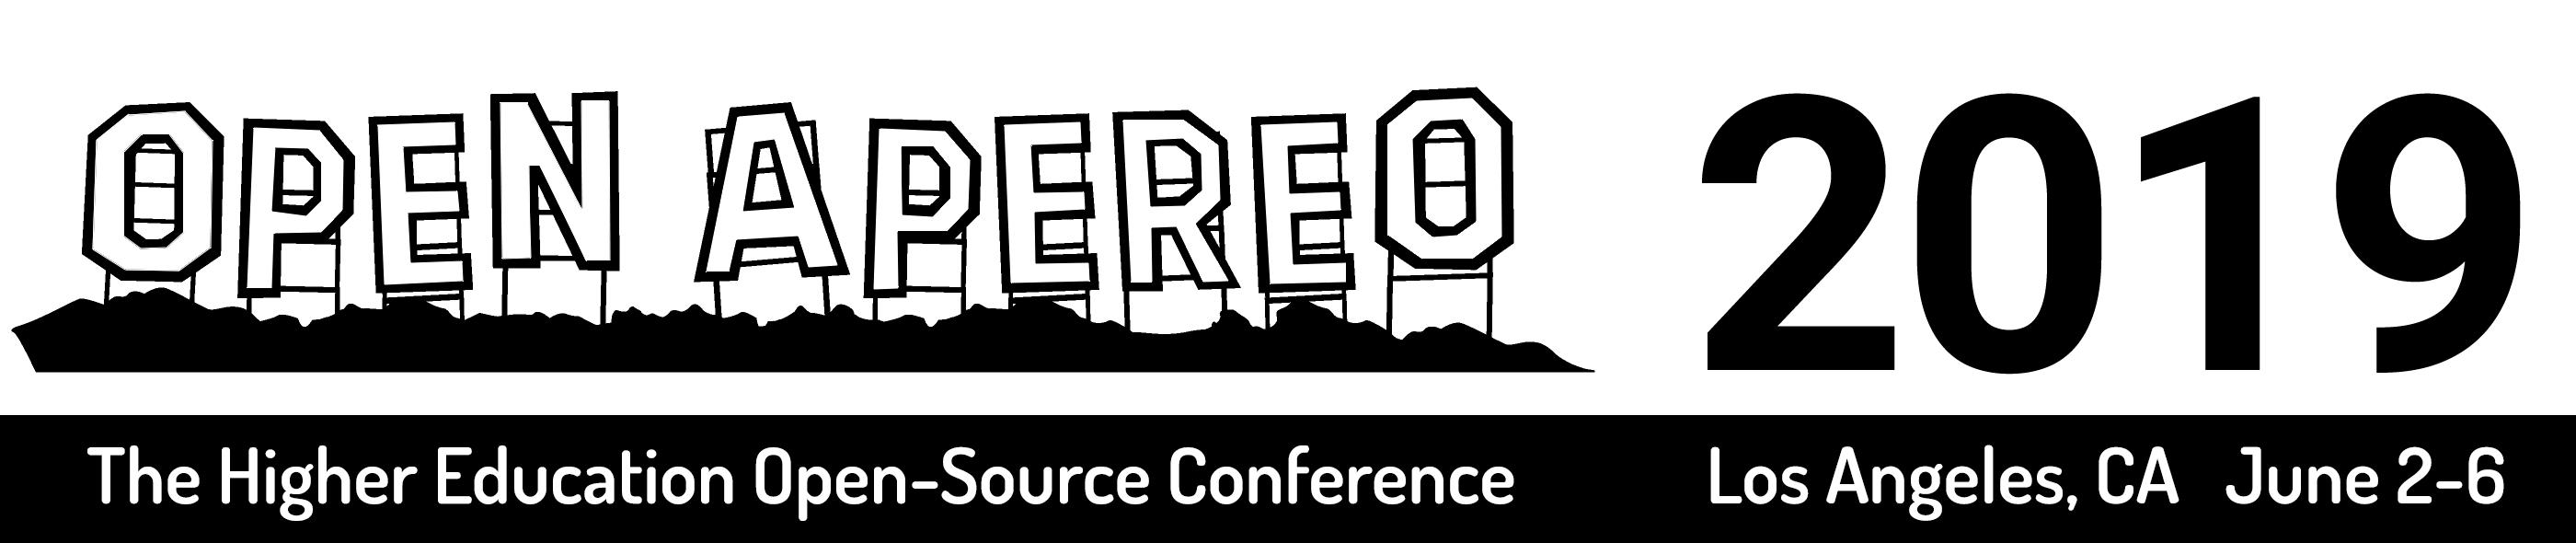 Open Apereo 2019 | Apereo